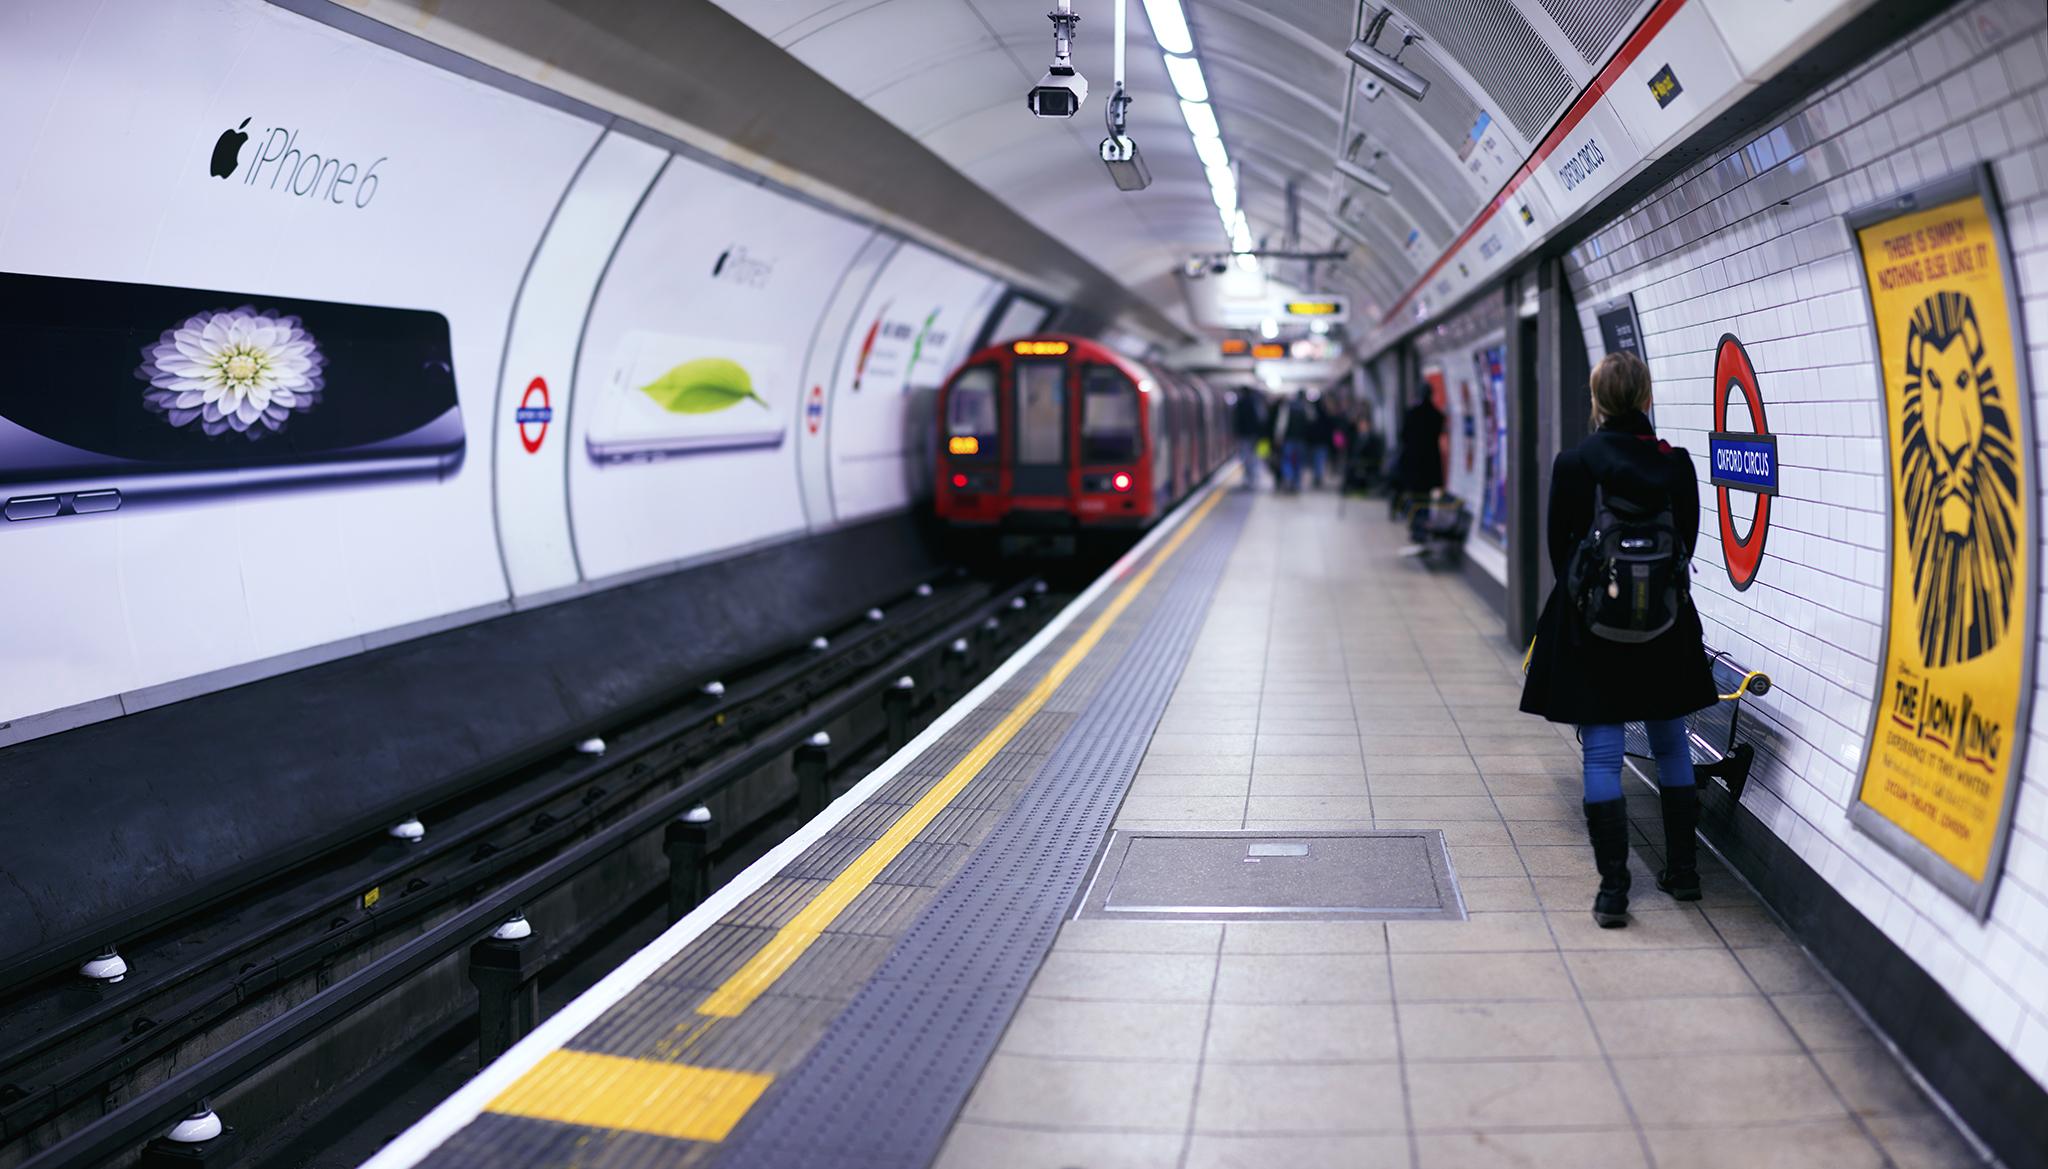 イギリス:「オックスフォードサーカス駅/Oxford Circus tube station」